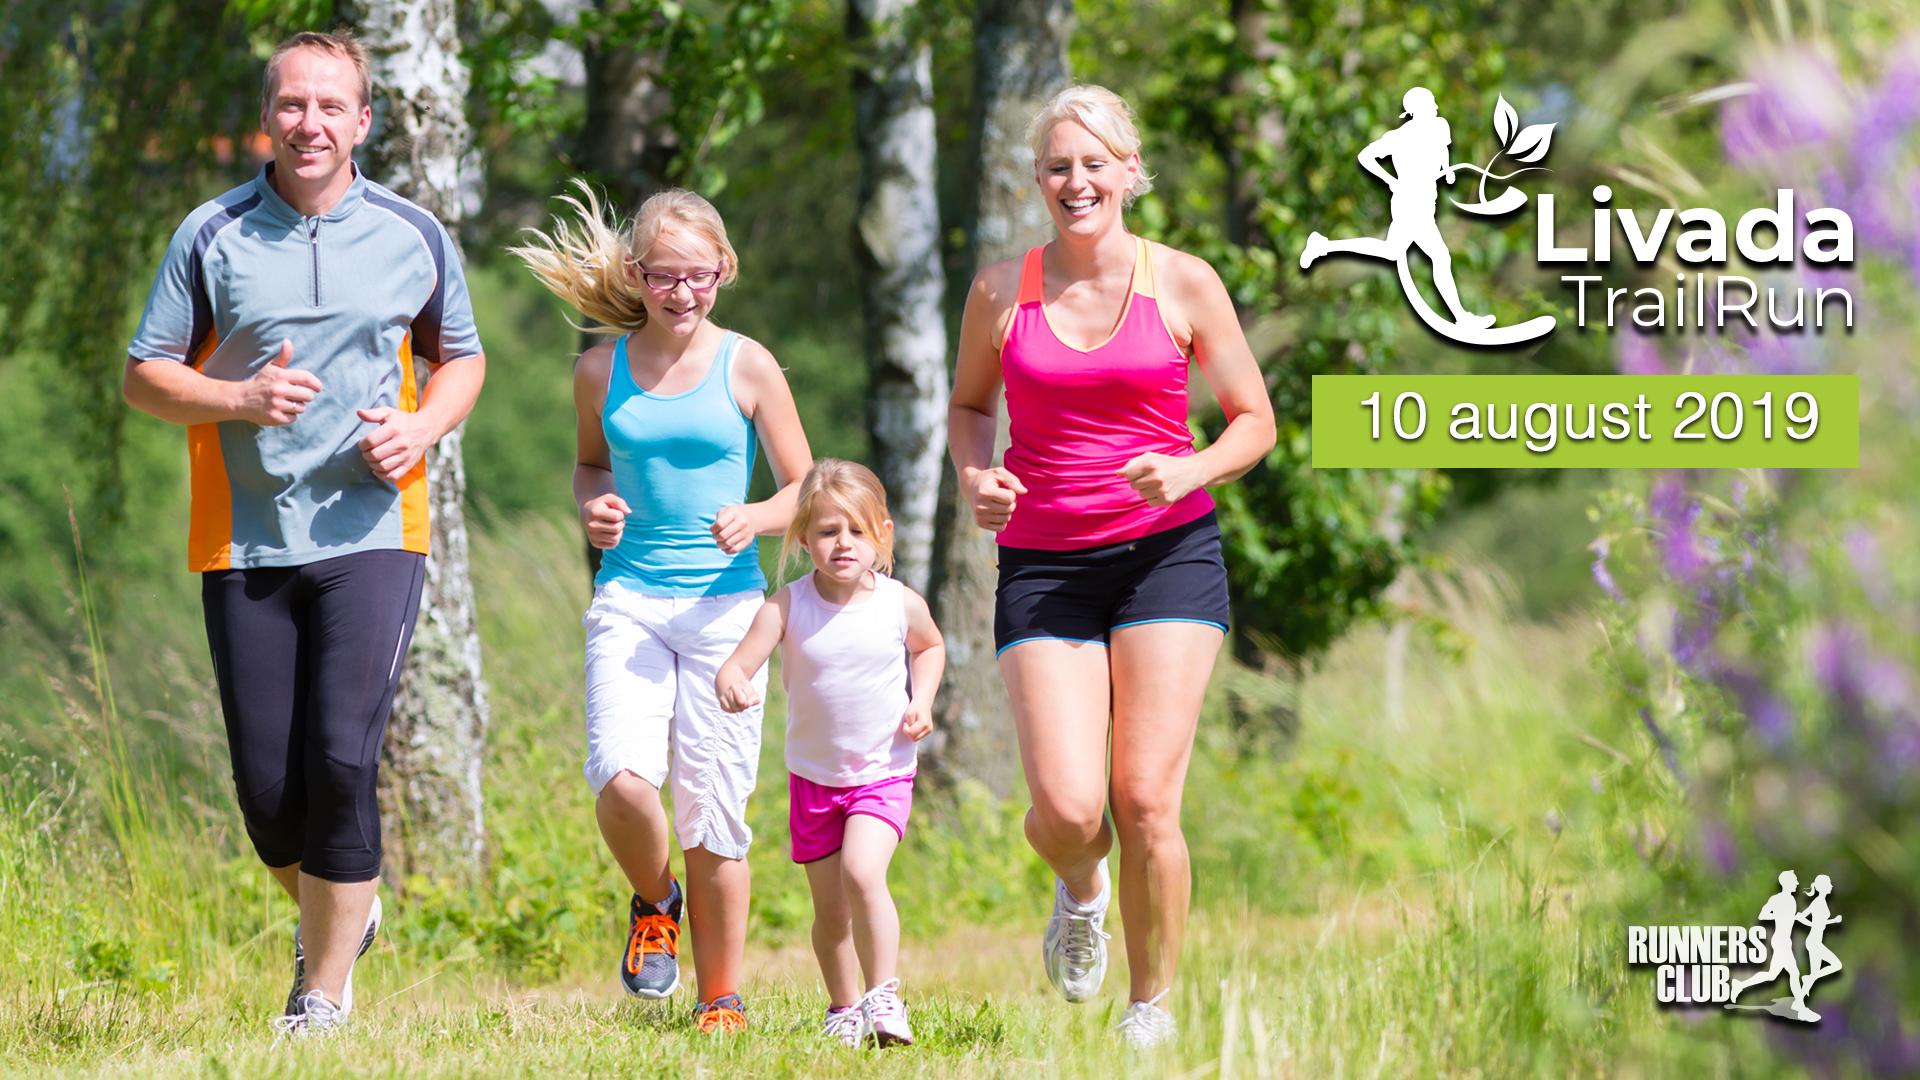 Livada Trail Run